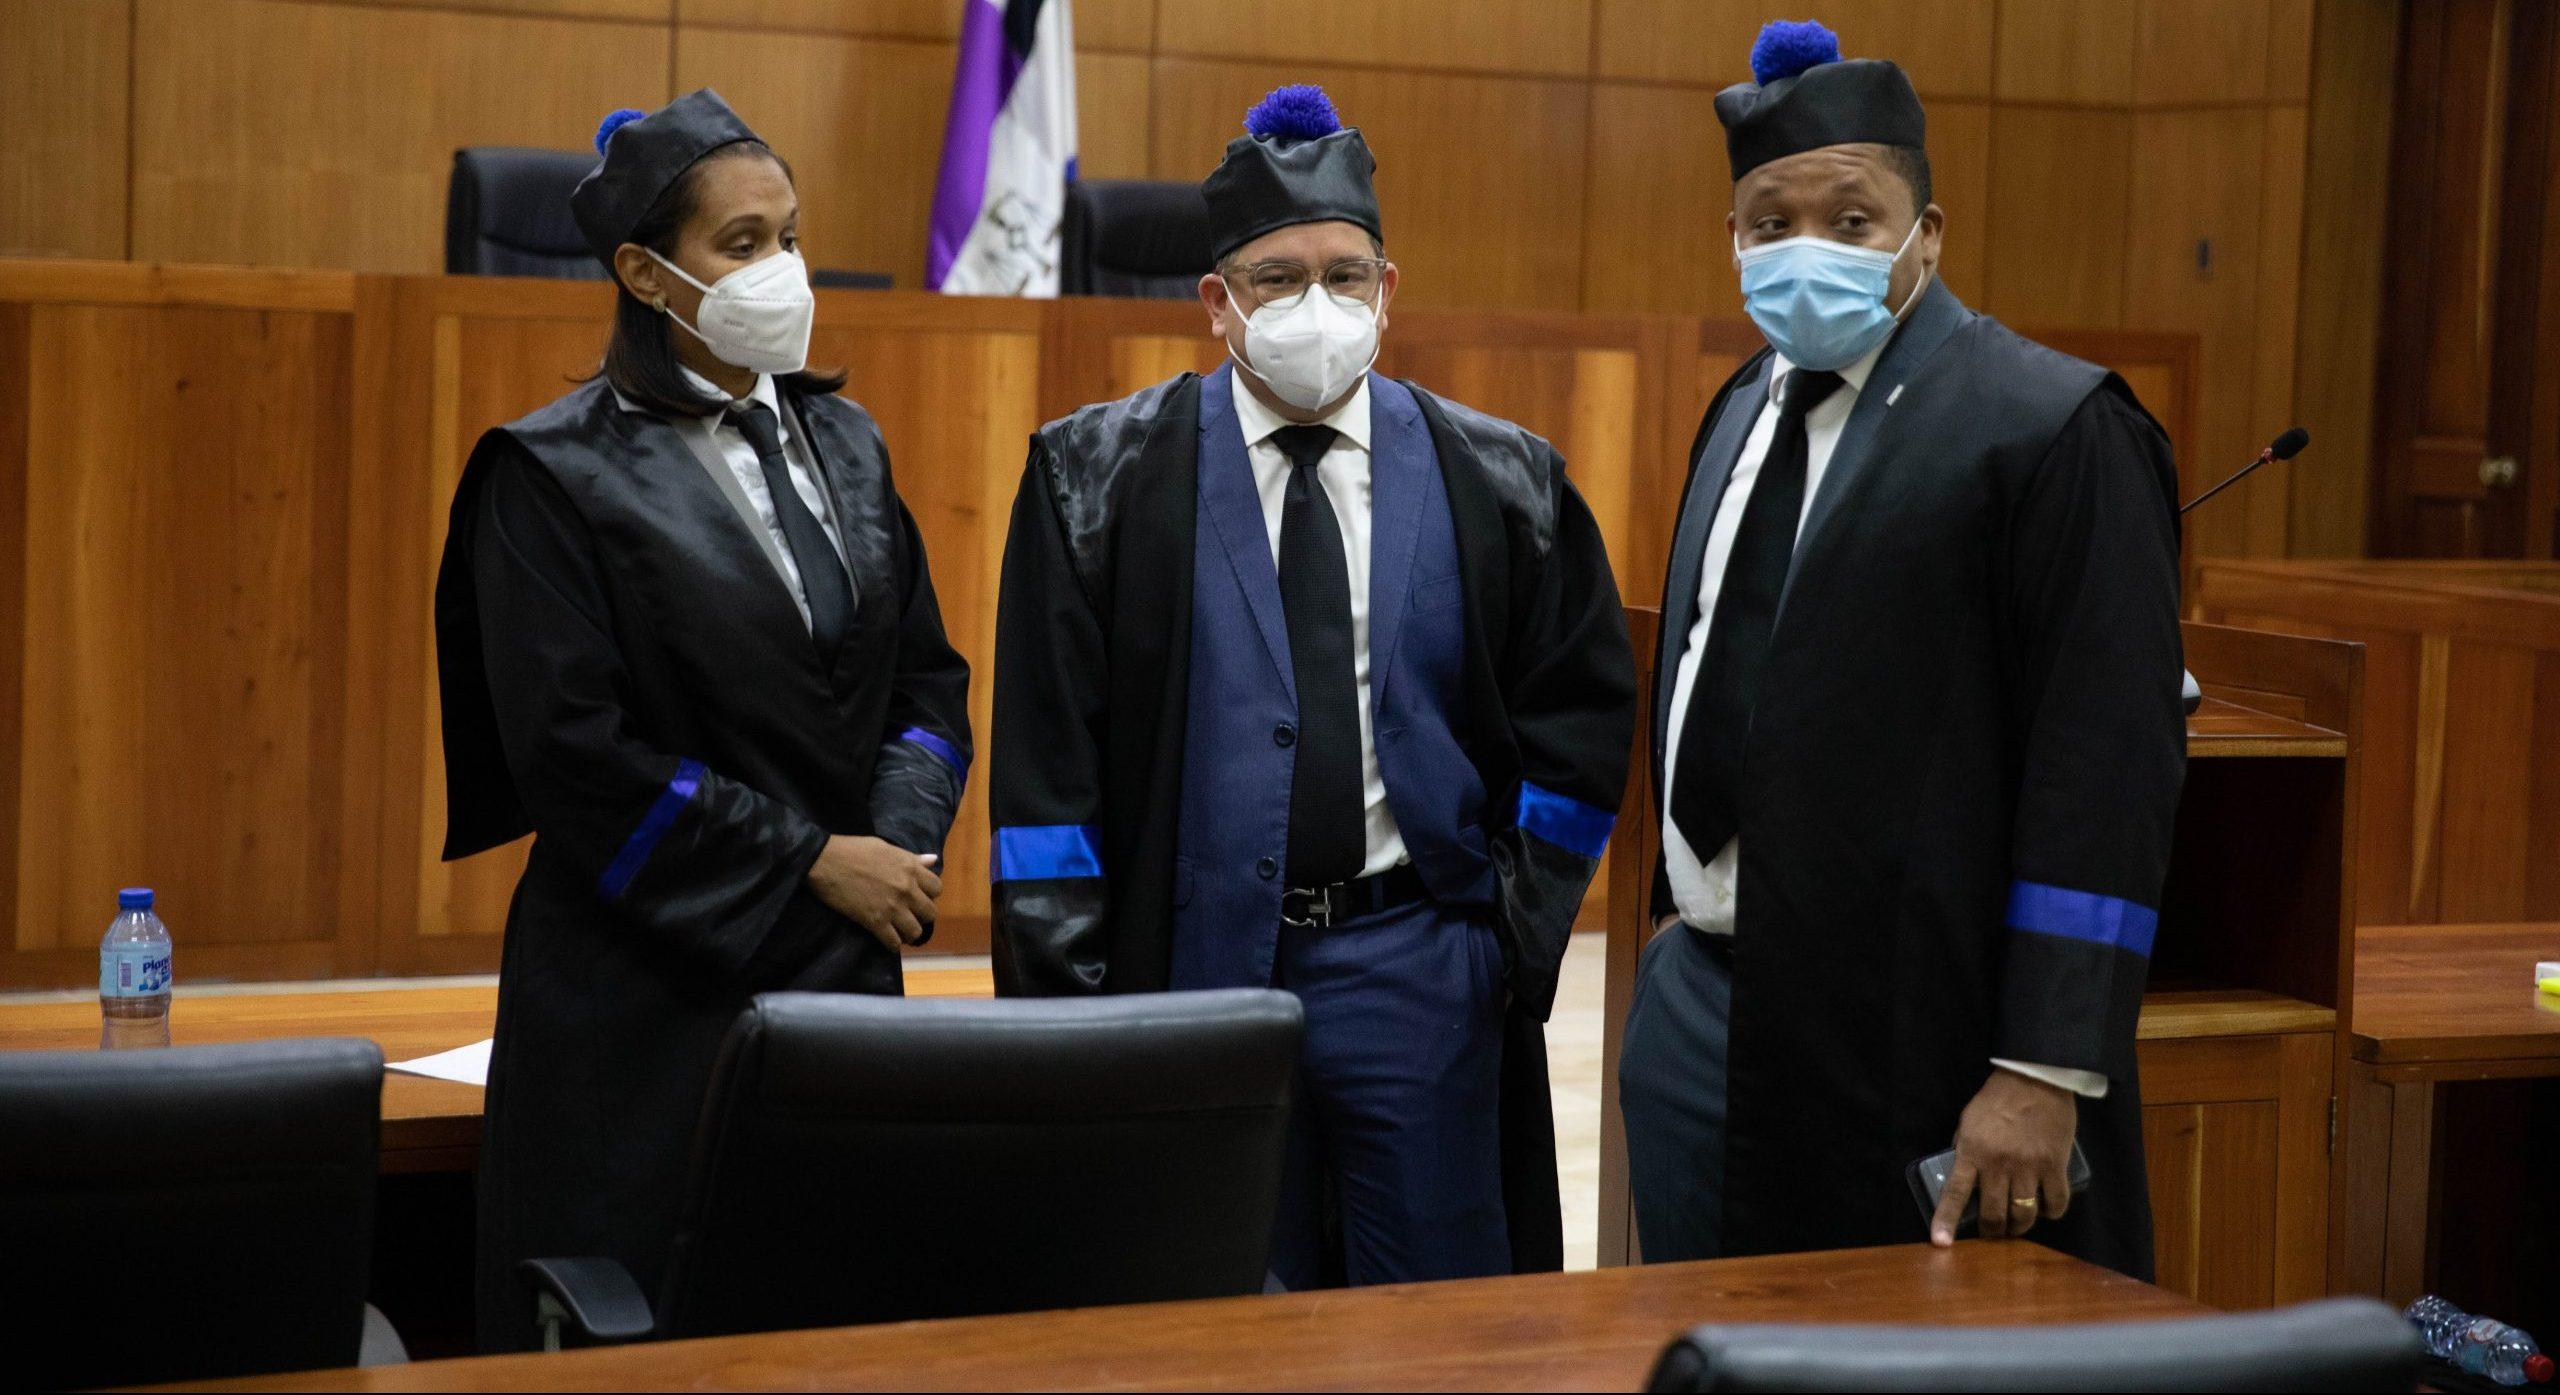 La Pepca confía tribunal impartirá justicia en Caso Odebrecht por la fortaleza de las evidencias incorporadas en el juicio